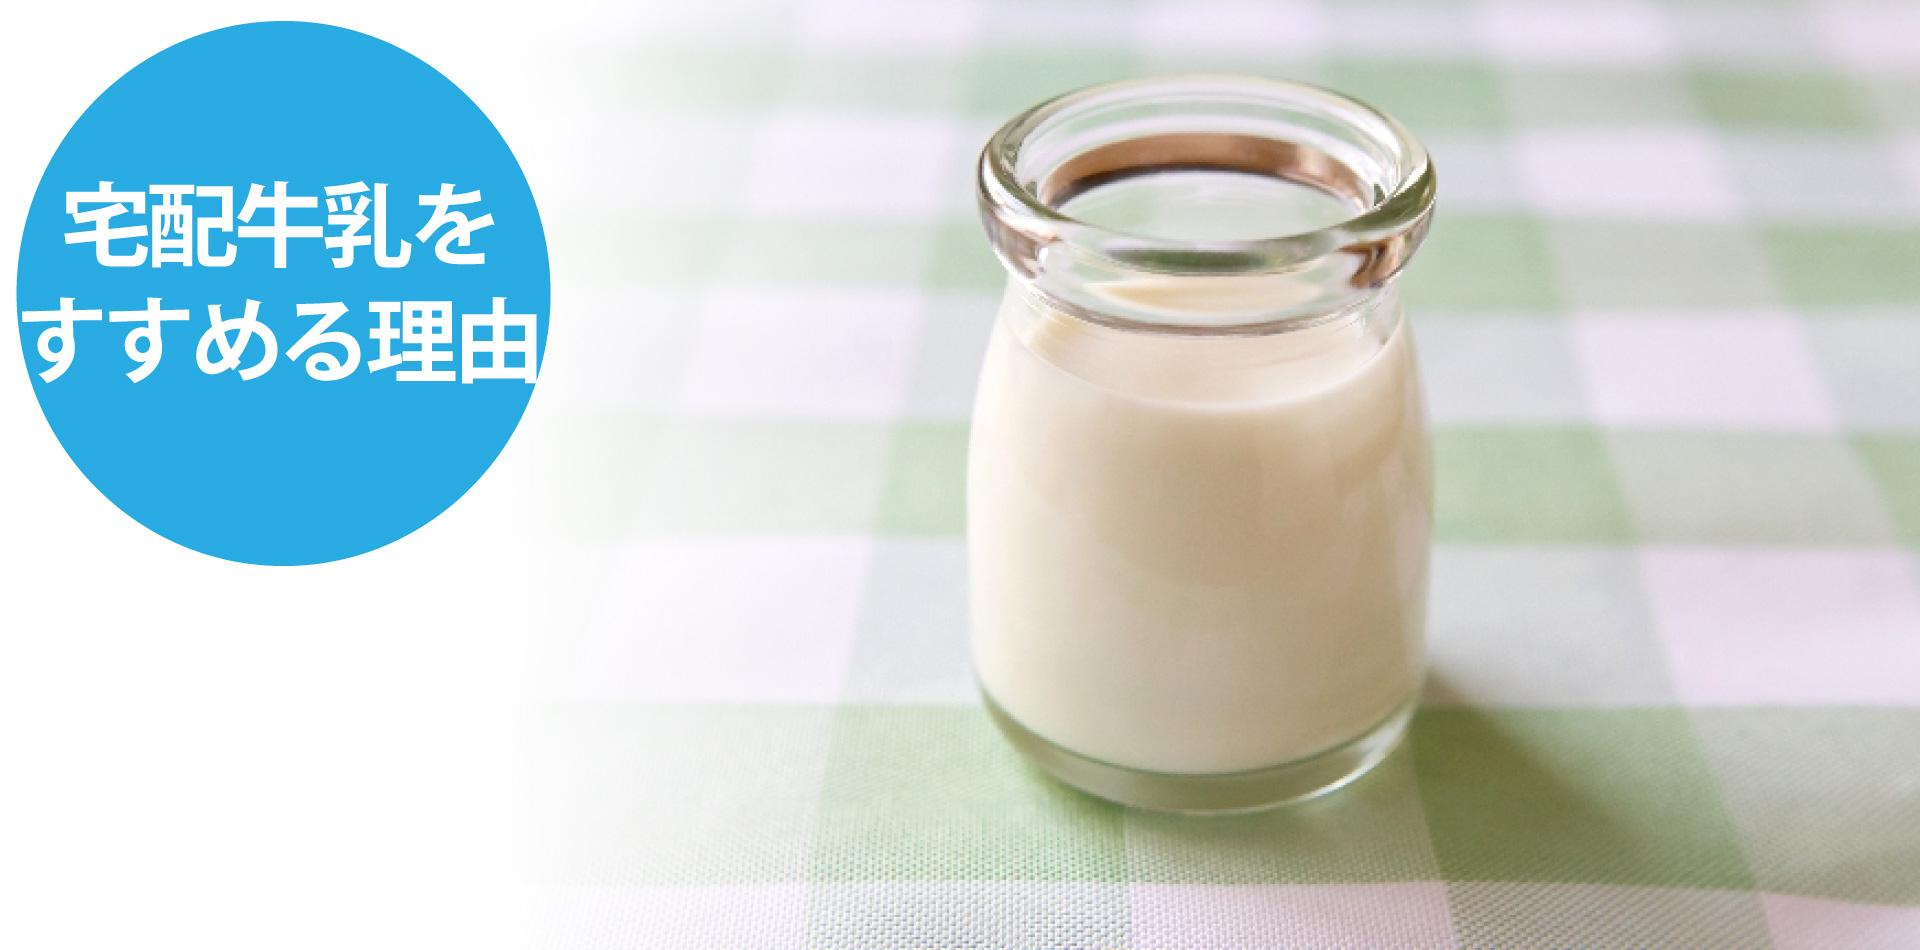 宅配スーパー健康屋の宅配牛乳